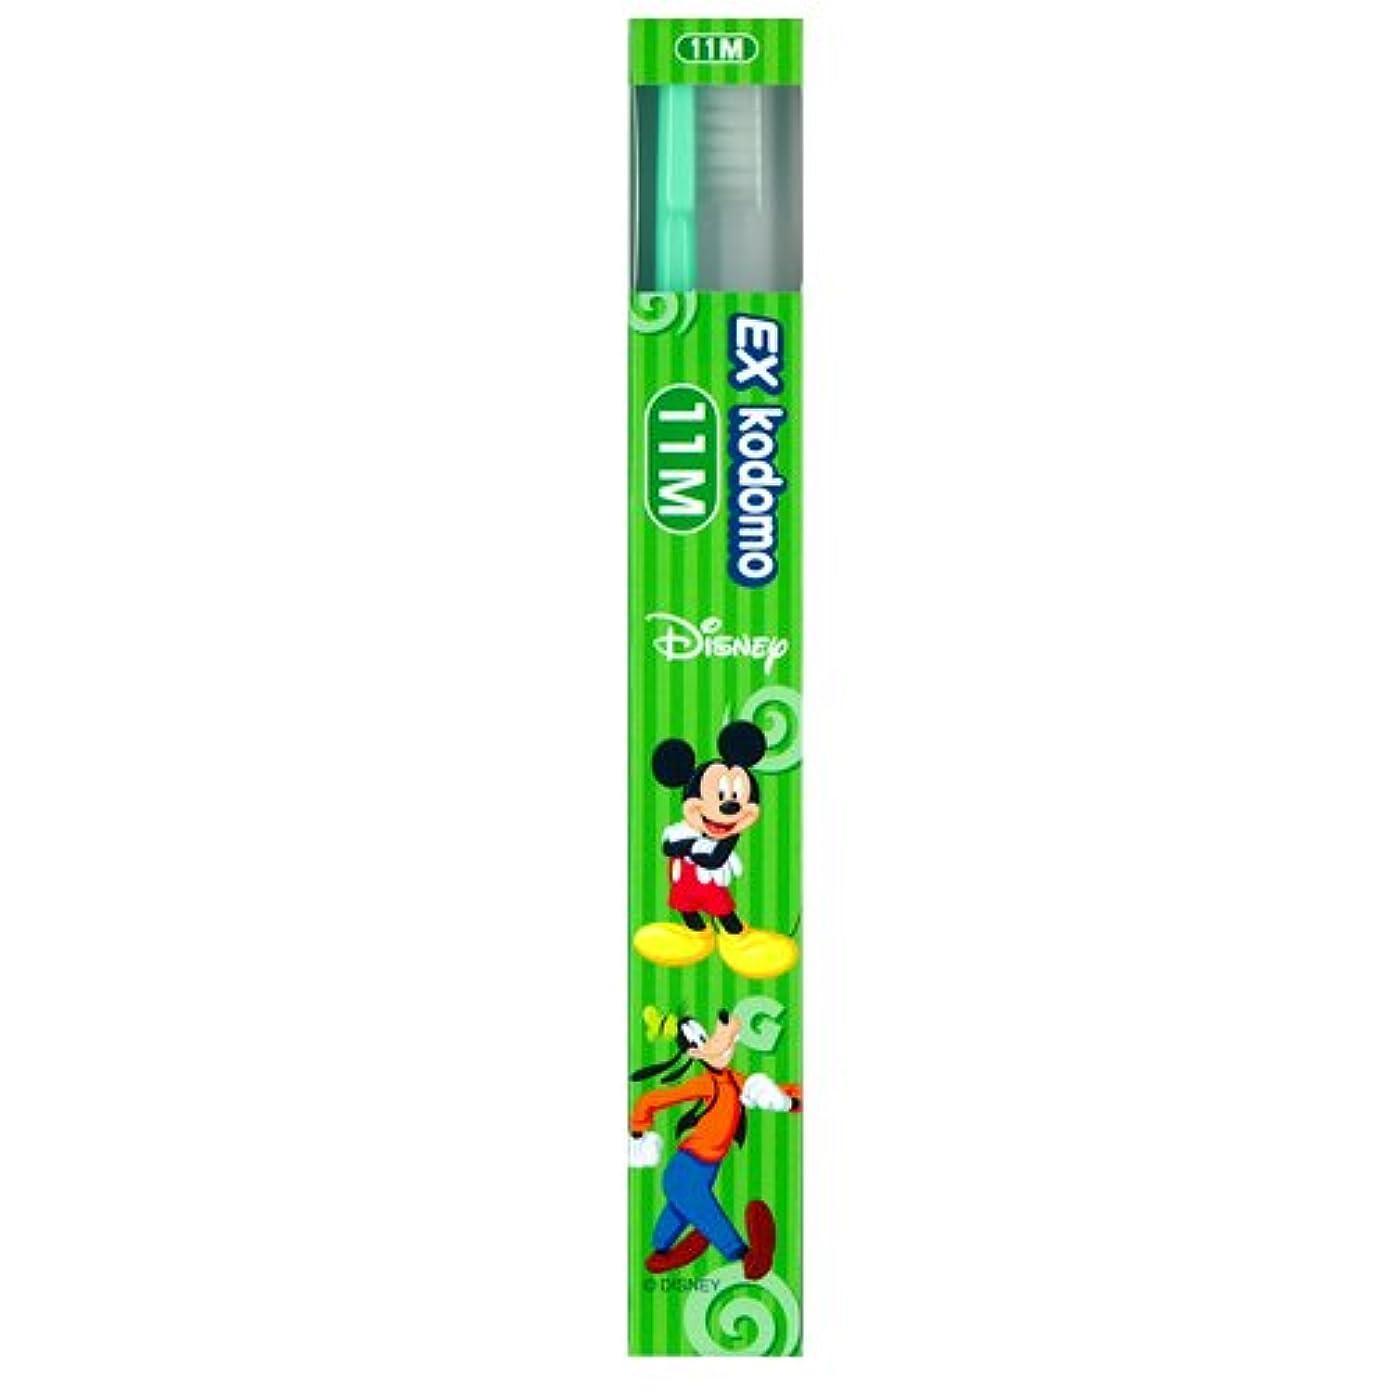 くちばし同情的ピークライオン EX kodomo ディズニー 歯ブラシ 1本 11M グリーン